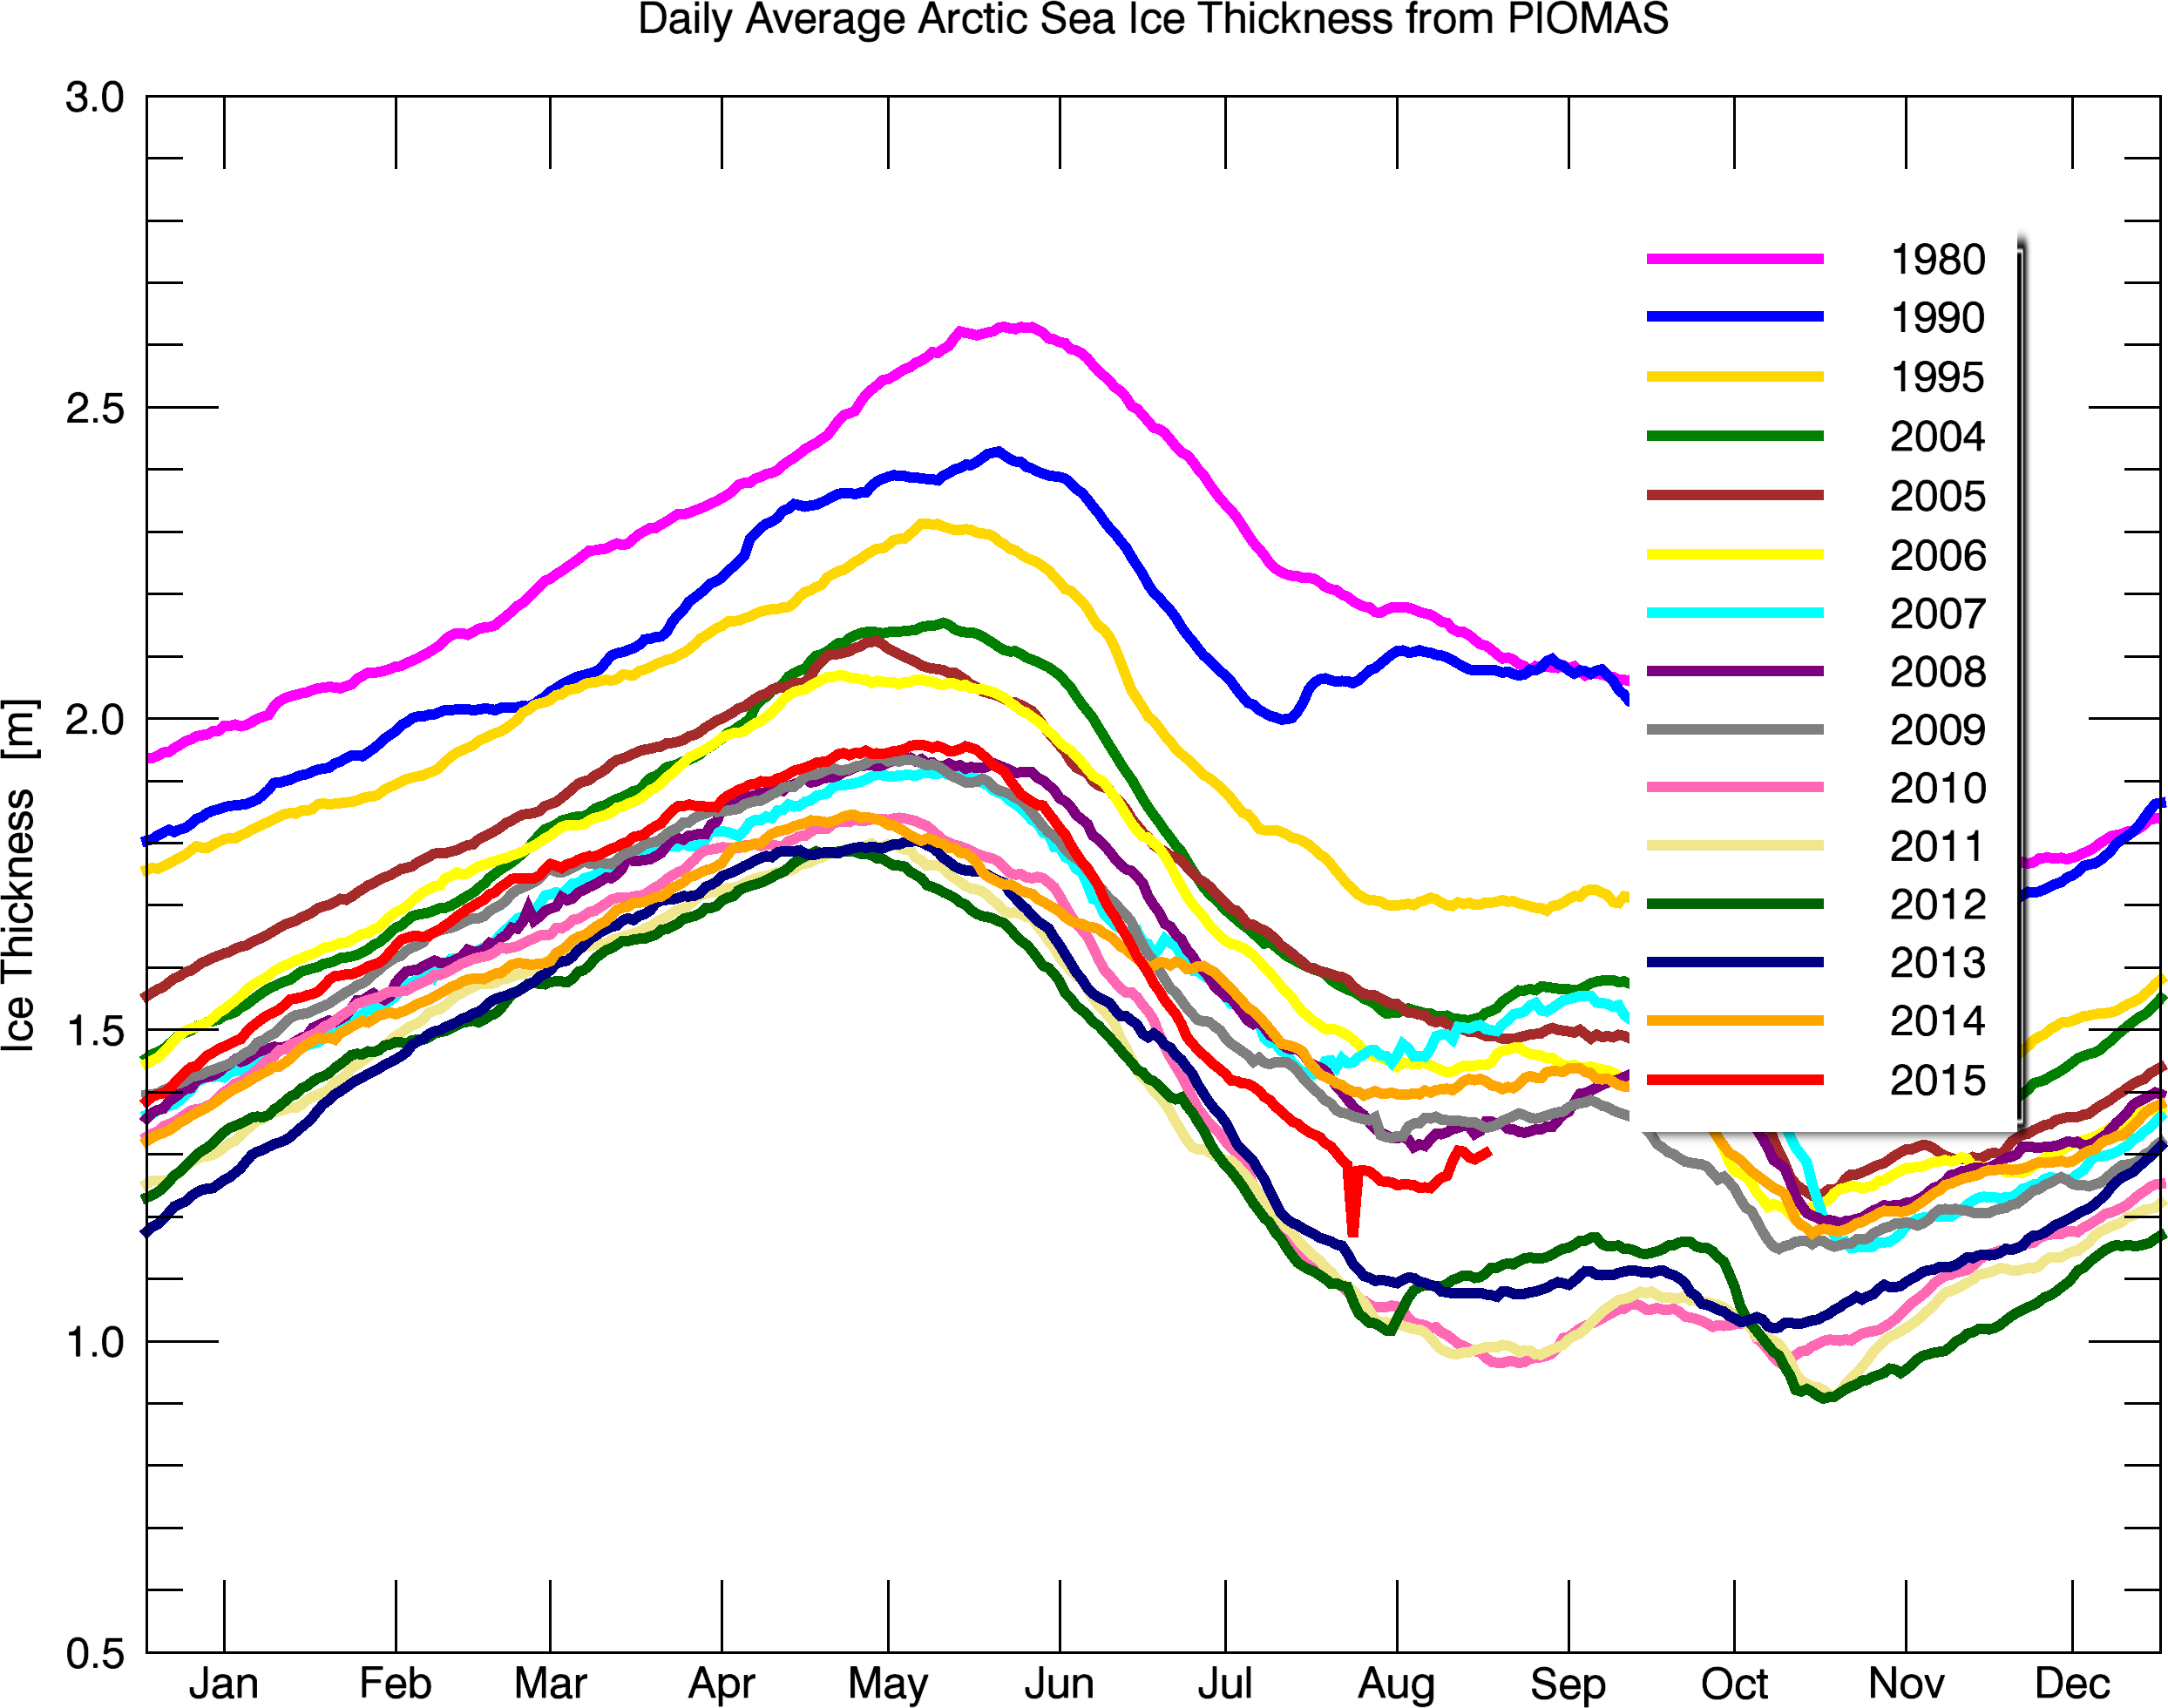 12 set 15 Bpiomas plot daily heff.2sst - Artico: minimo raggiunto, in anticipo sulla norma, quart'ultimo posto per estensione, ma recupero forte in spessore!